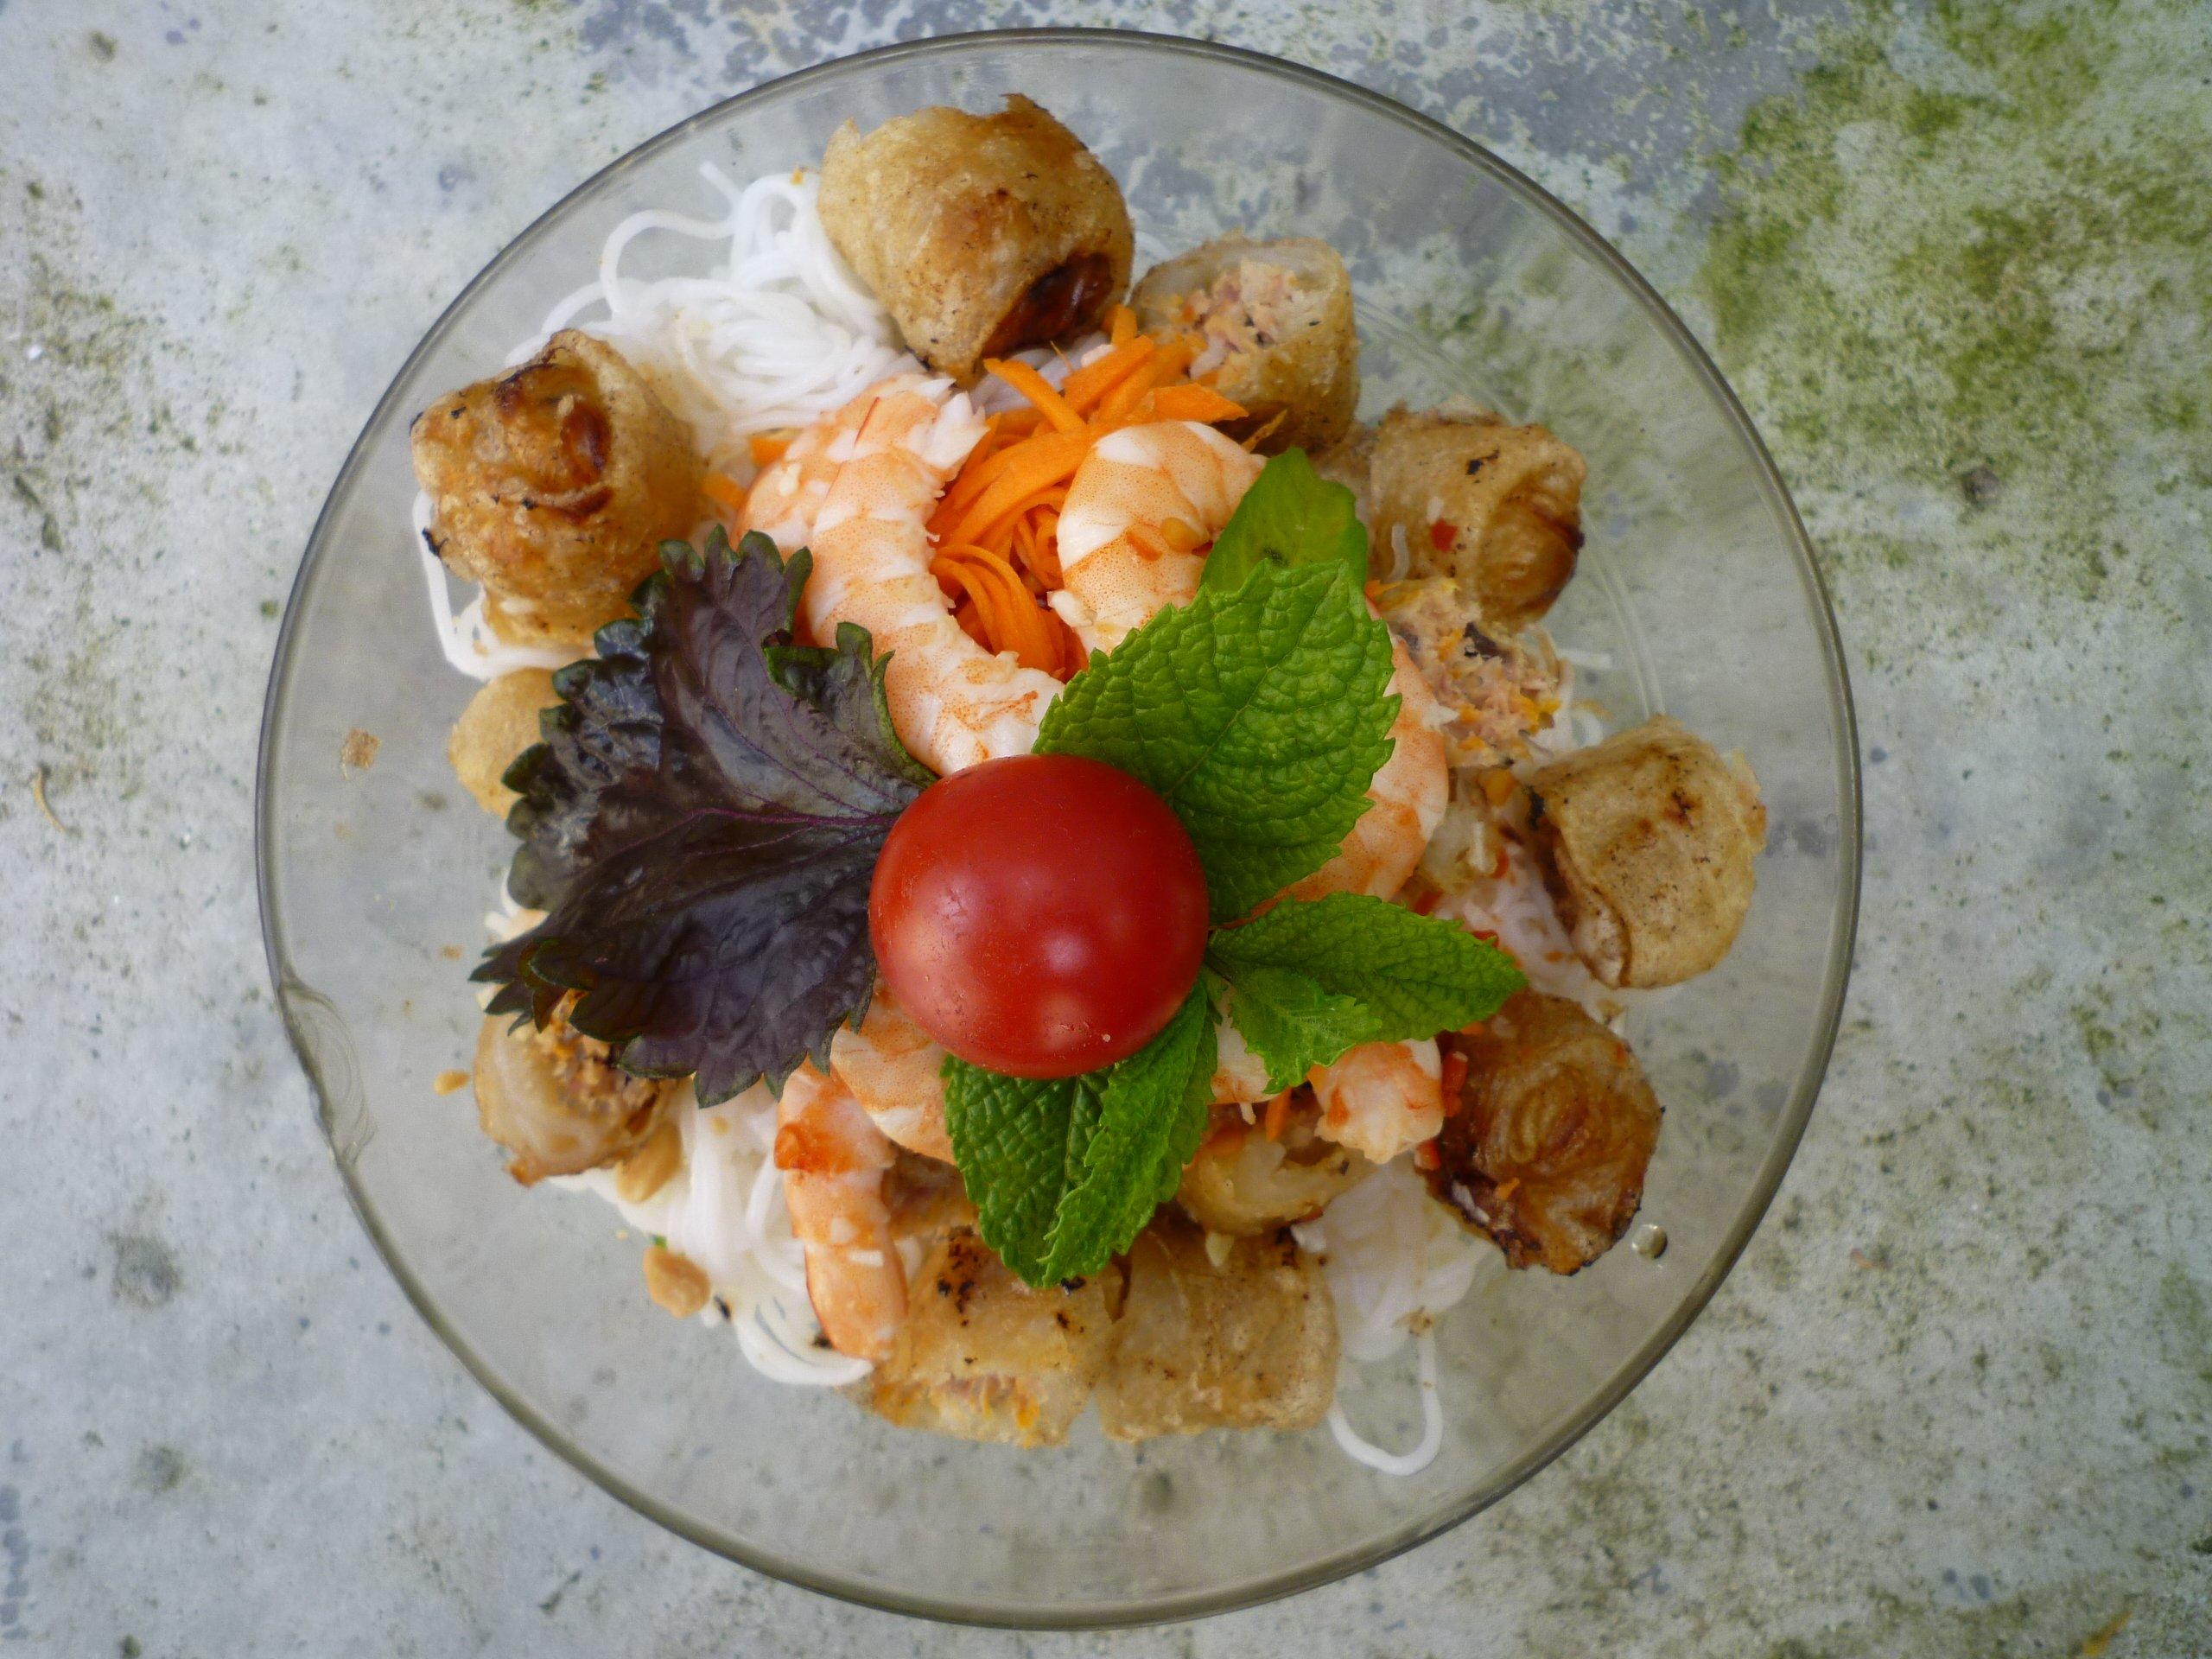 Bo bun bonnes choses recettes de cuisine de france et du monde - Recette de cuisine francaise ...